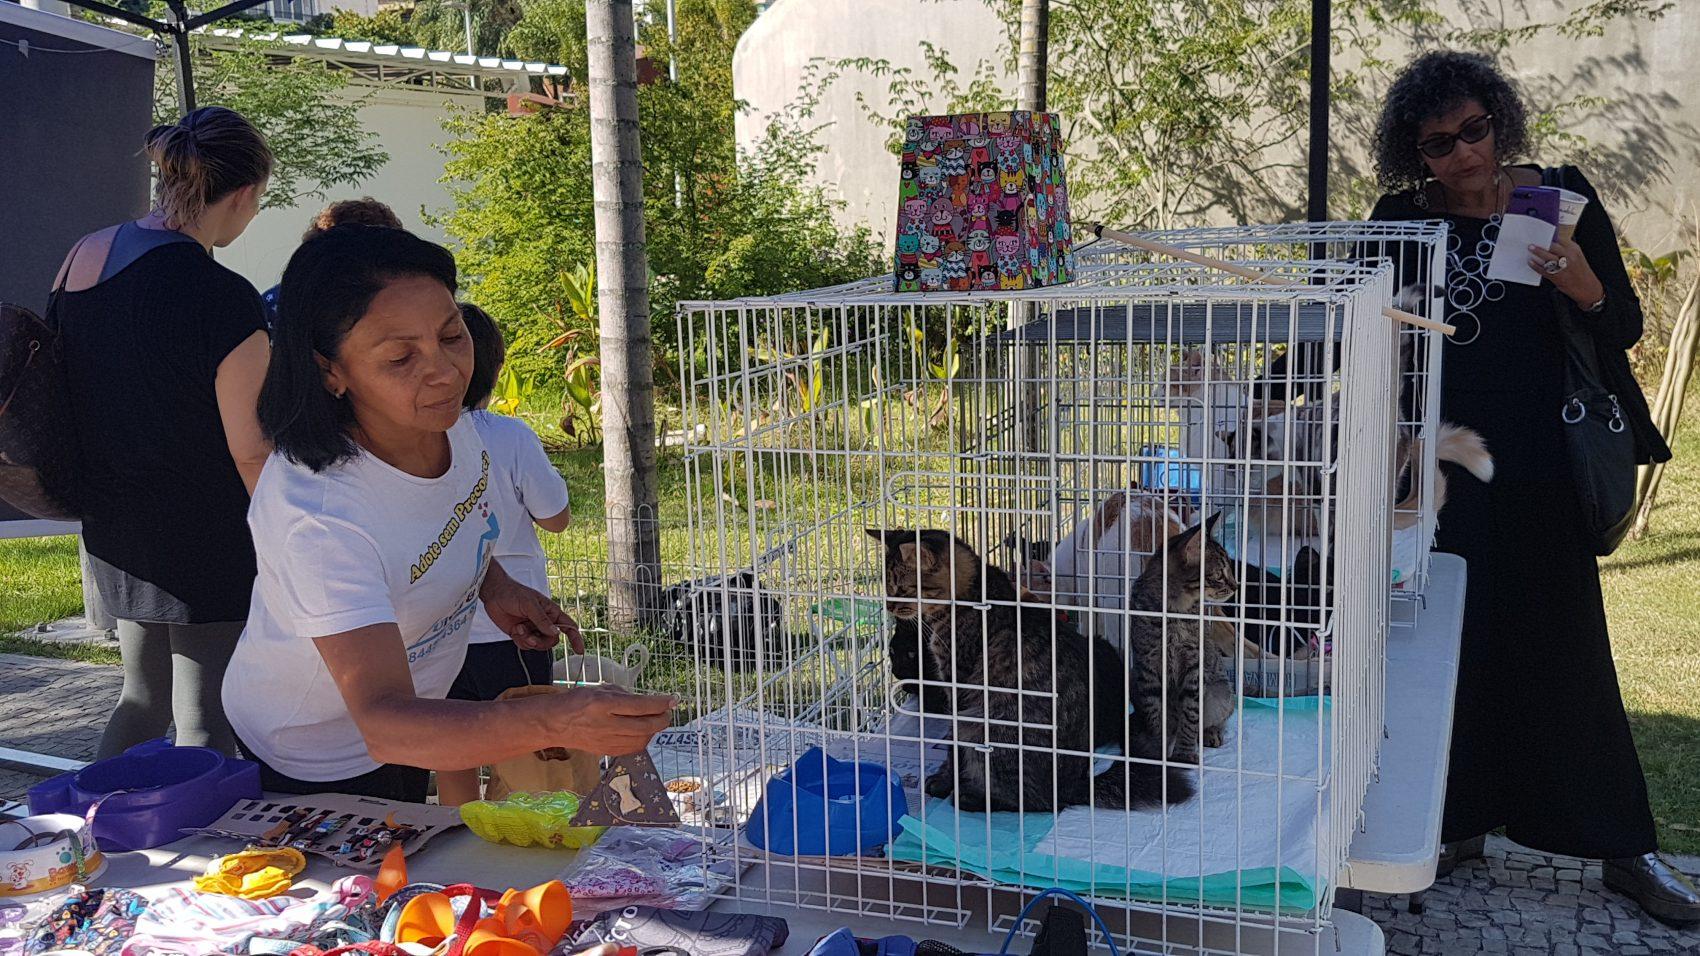 Projeto Uivos e miados na Praça Antero de Quintal: adoçao de gatos e cães nas largas calçadas do Leblon (Foto: Oscar Valporto)